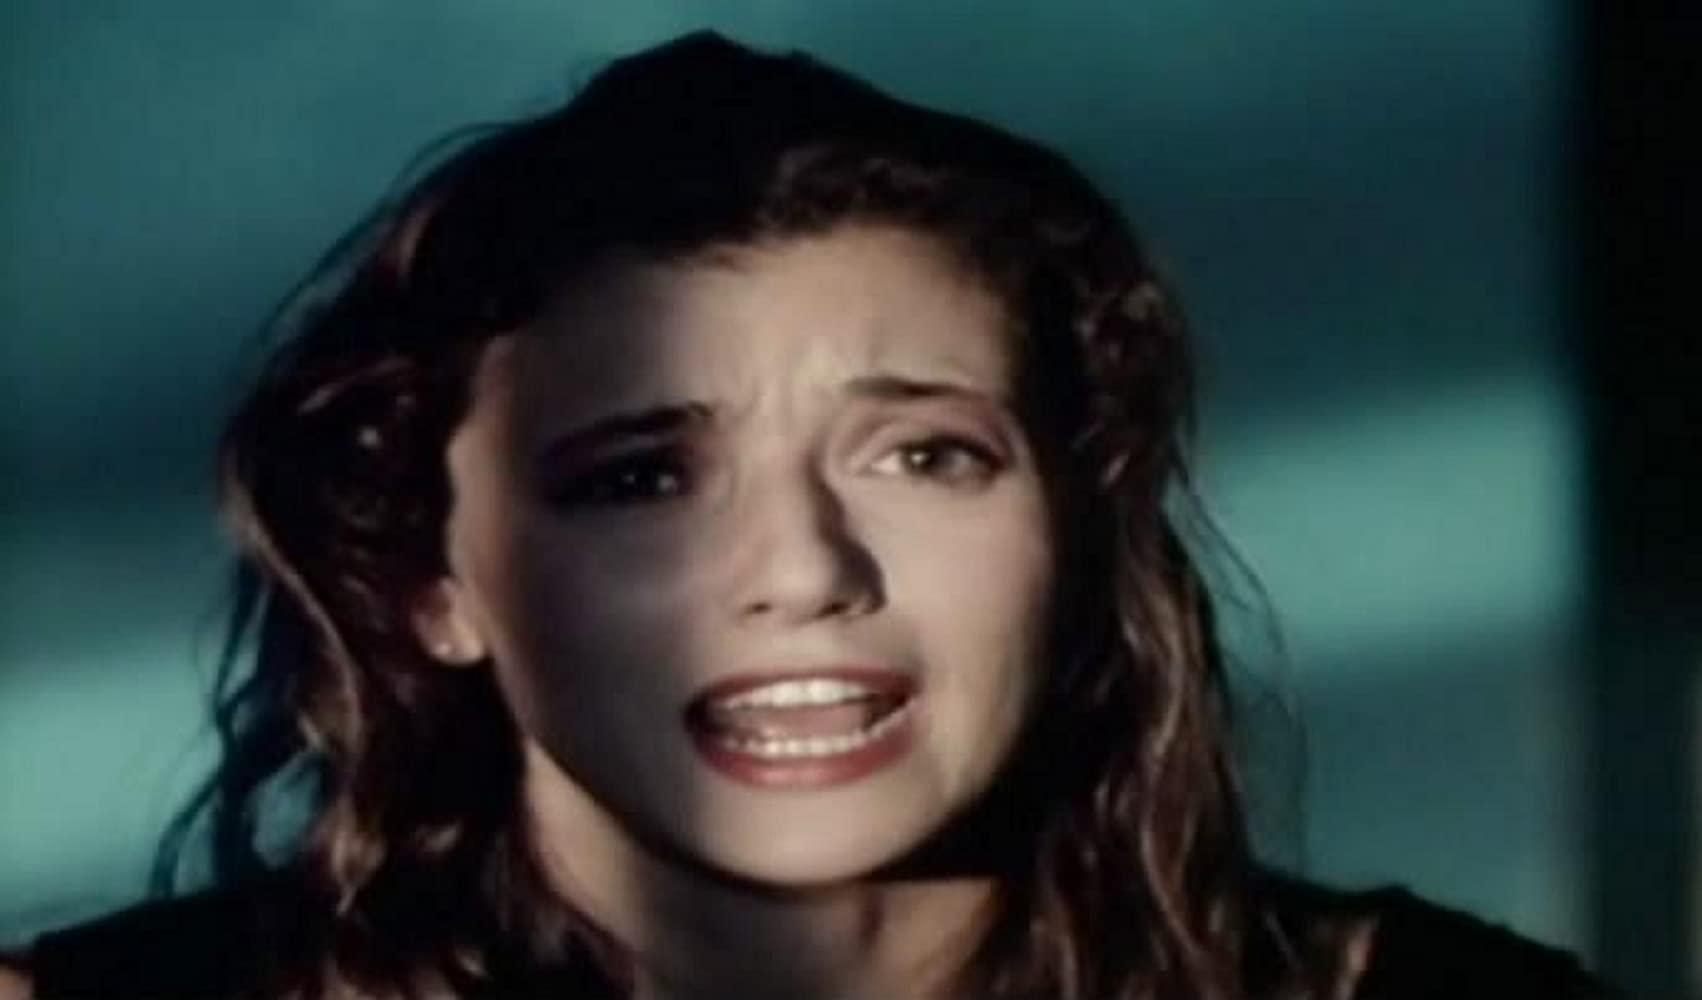 La Fille Des Ténèbres (1990)